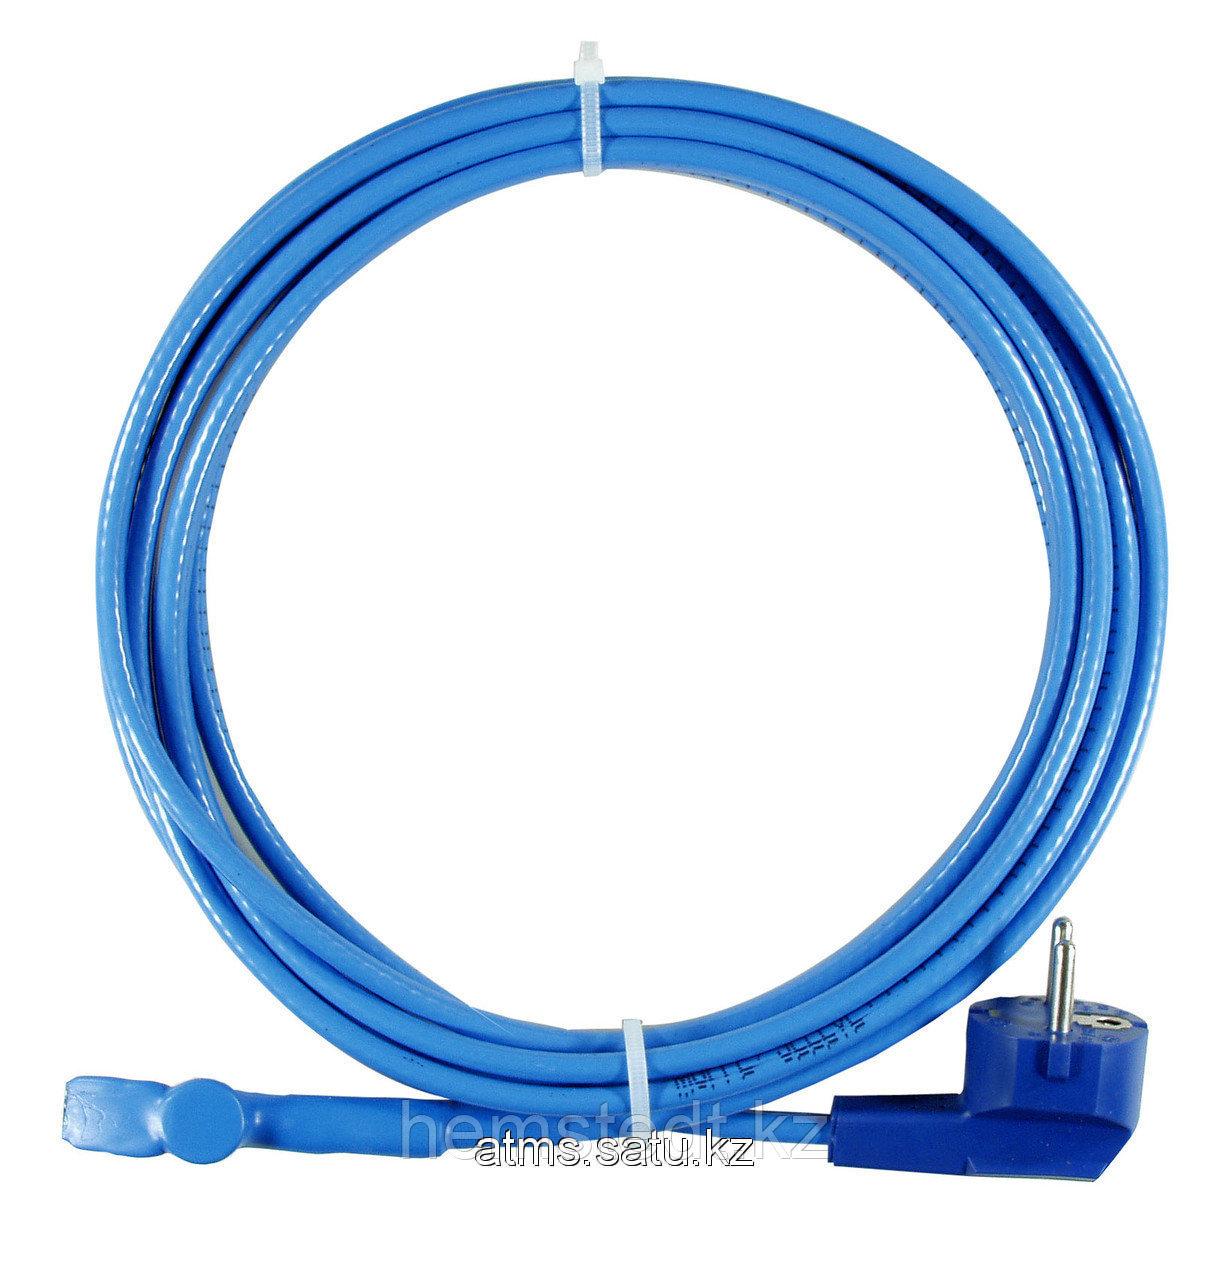 Кабель Hemstedt FS для защиты трубопроводов от замерзания с термоограничителем 18м